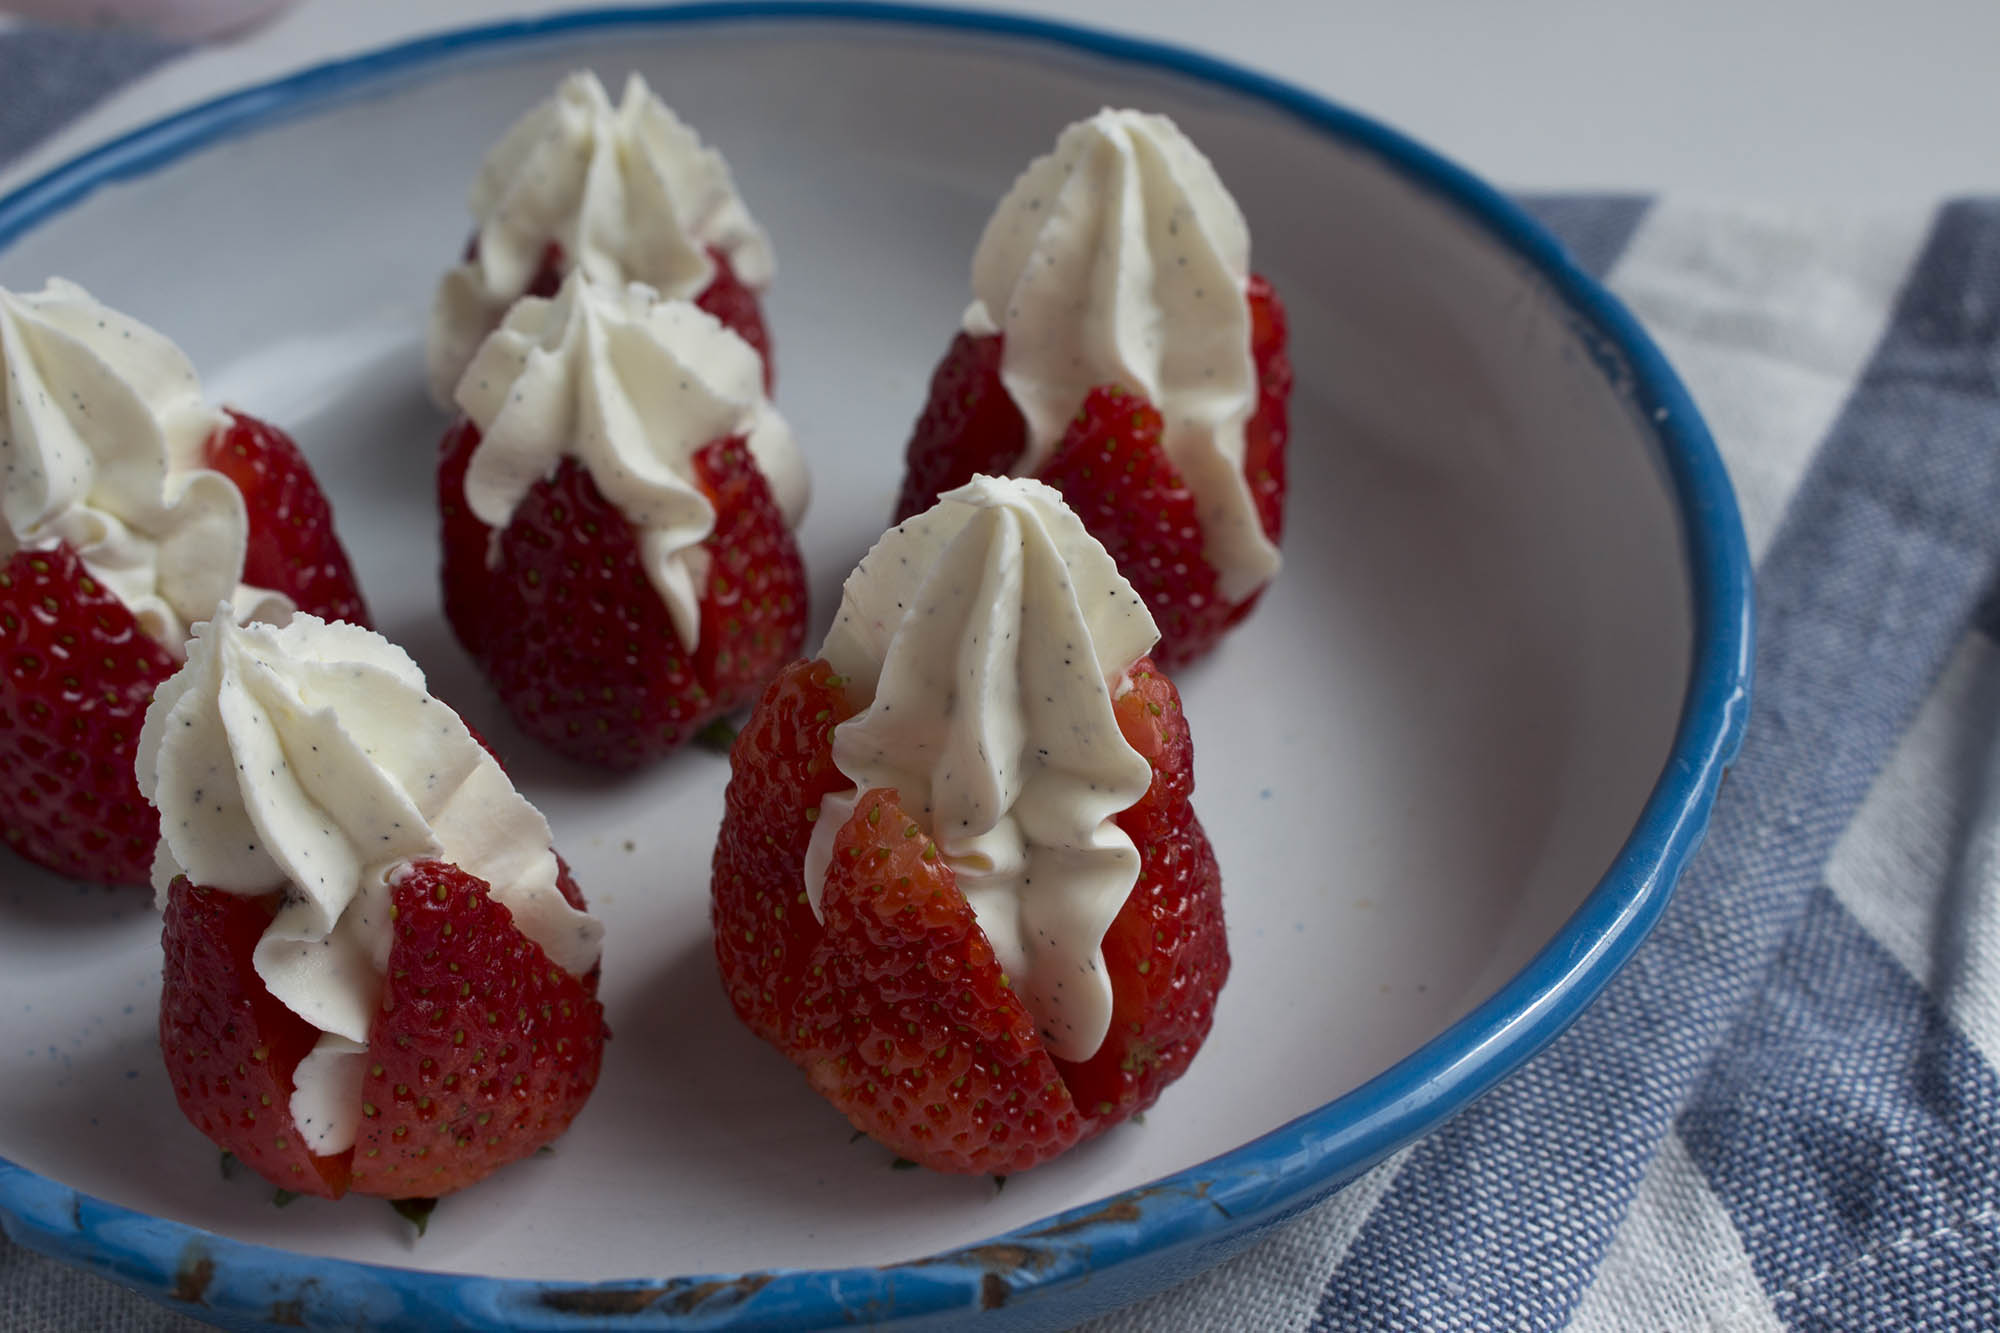 Jordbær med mascarpone